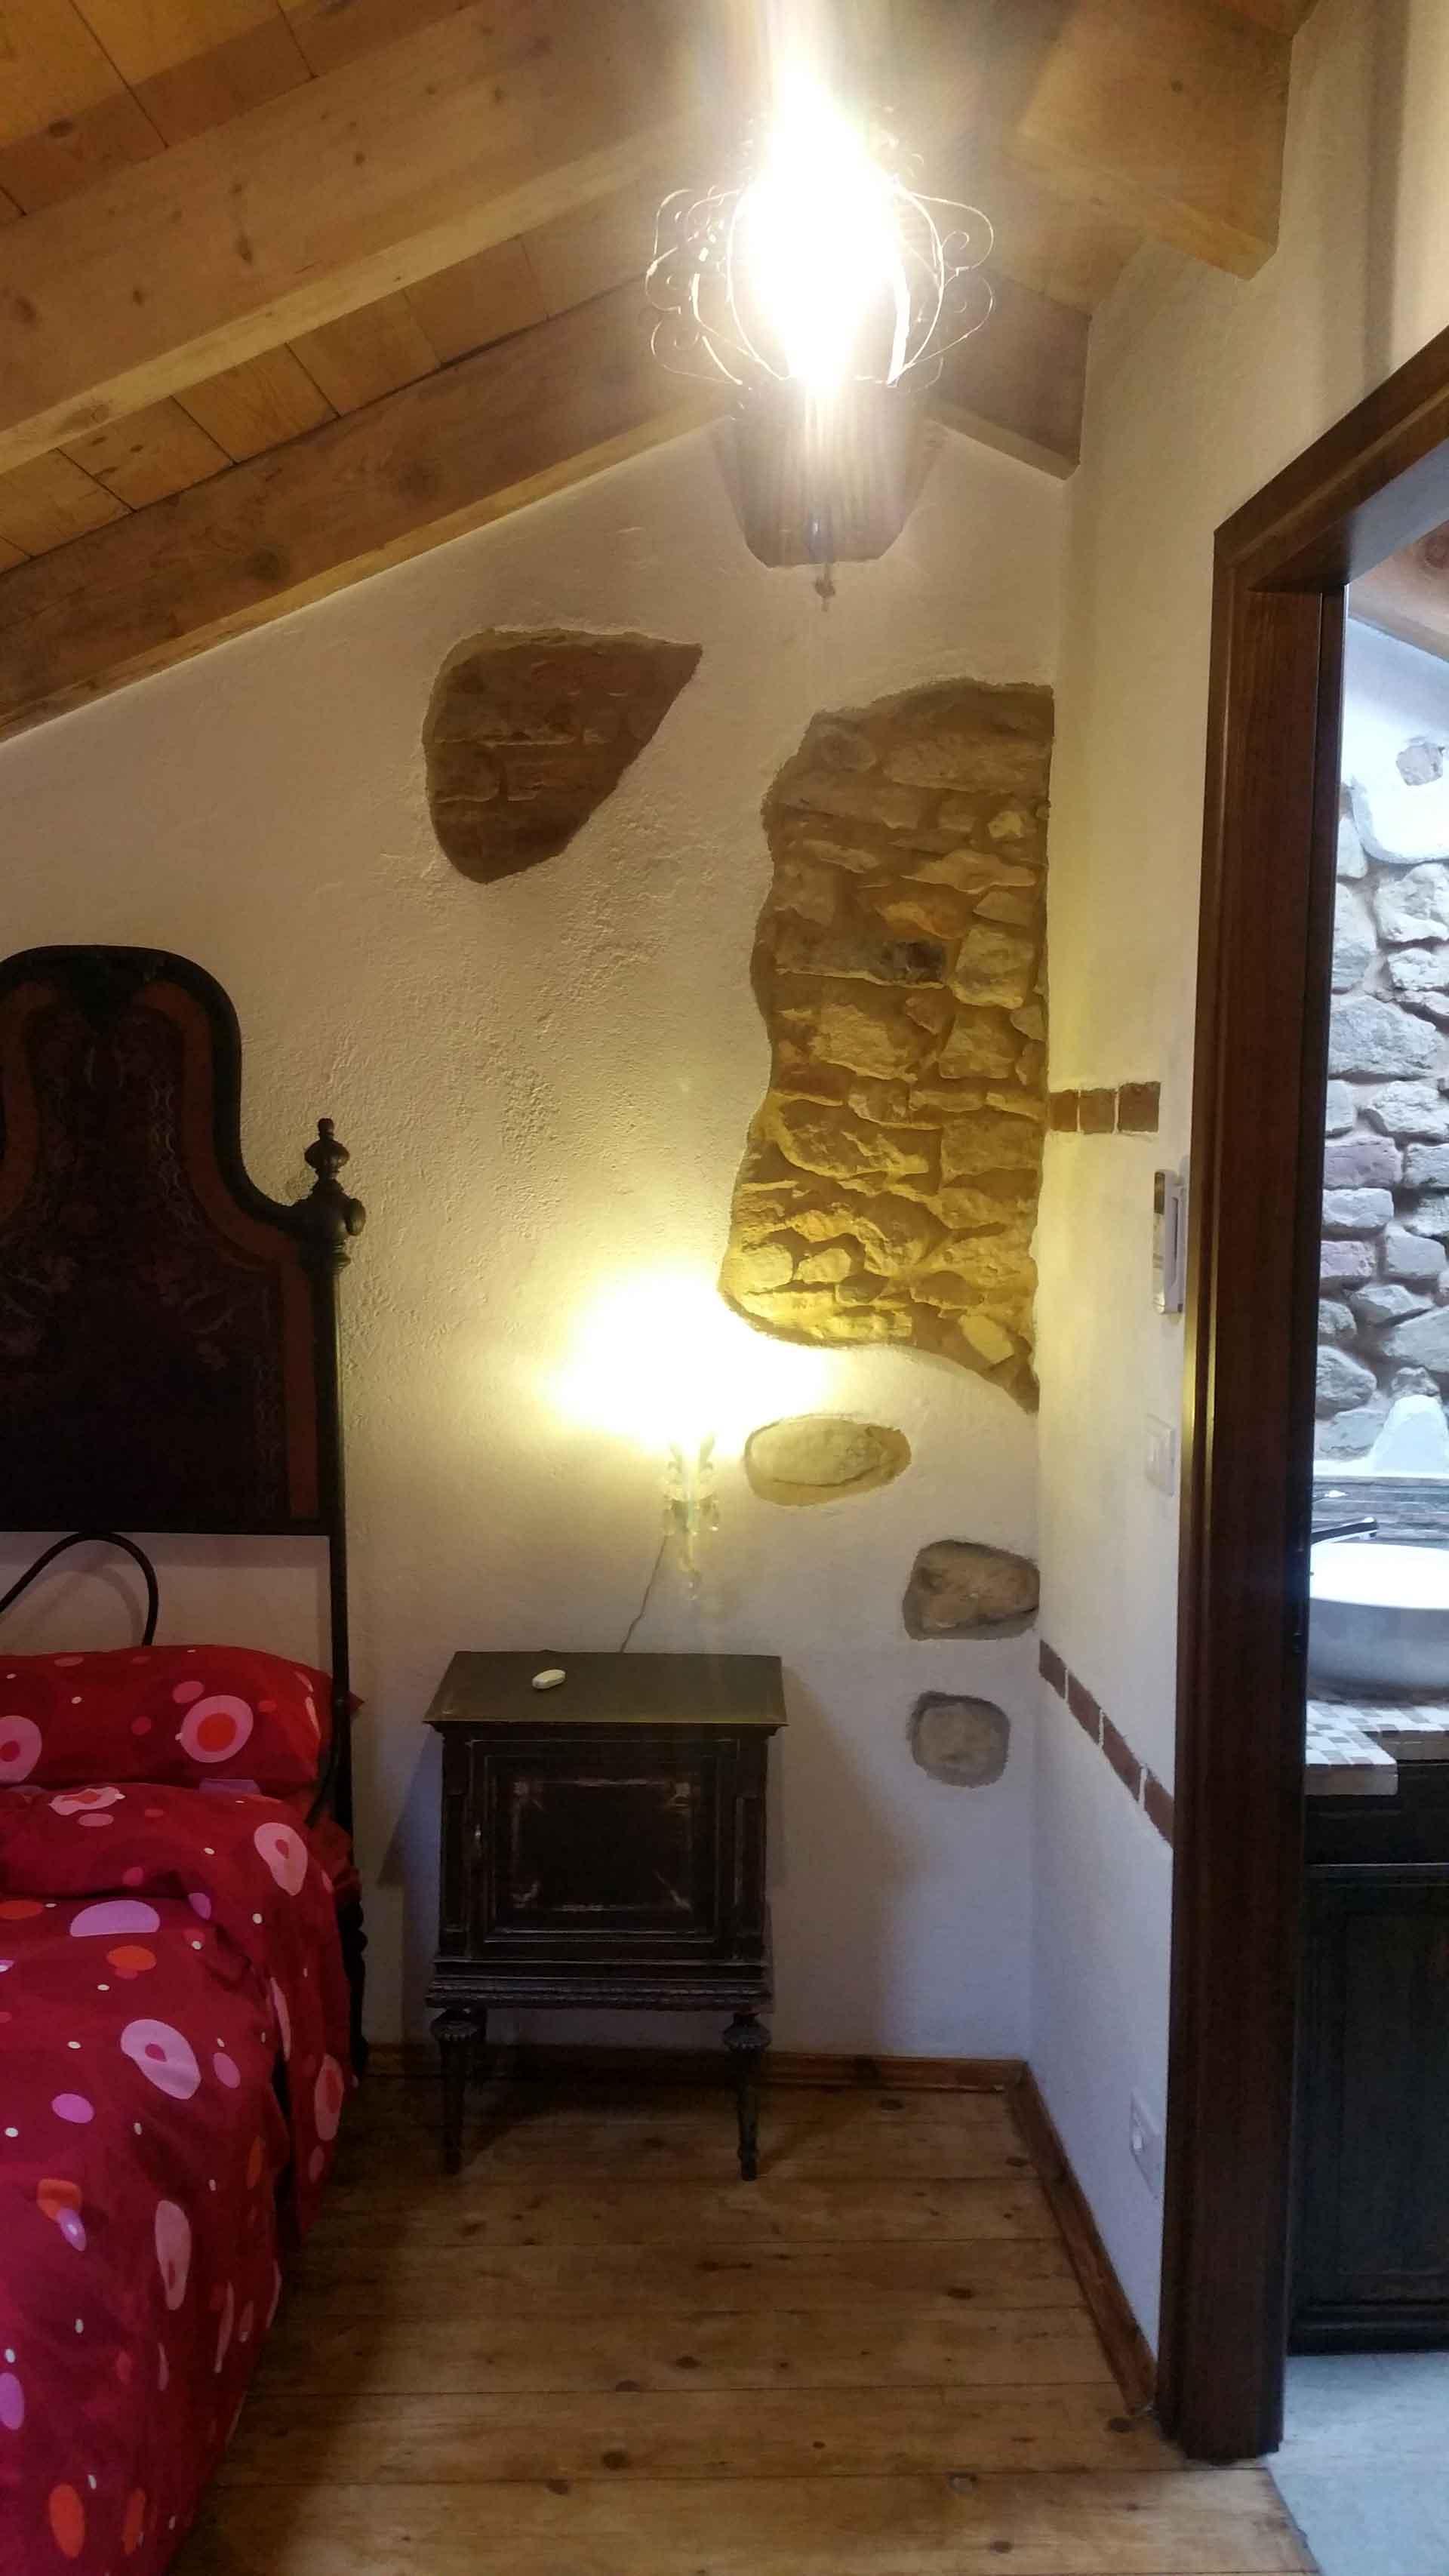 Camera 900 letto matrimoniale comodino abatiour ingresso bagno B&B & Meditation Center Zorba il Buddha Passerano Marmorito Asti